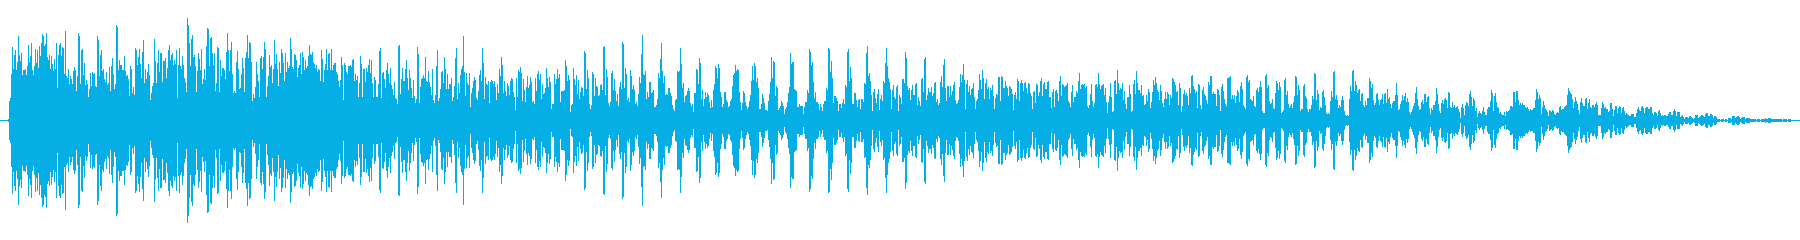 ジャカジャーン!の再生済みの波形